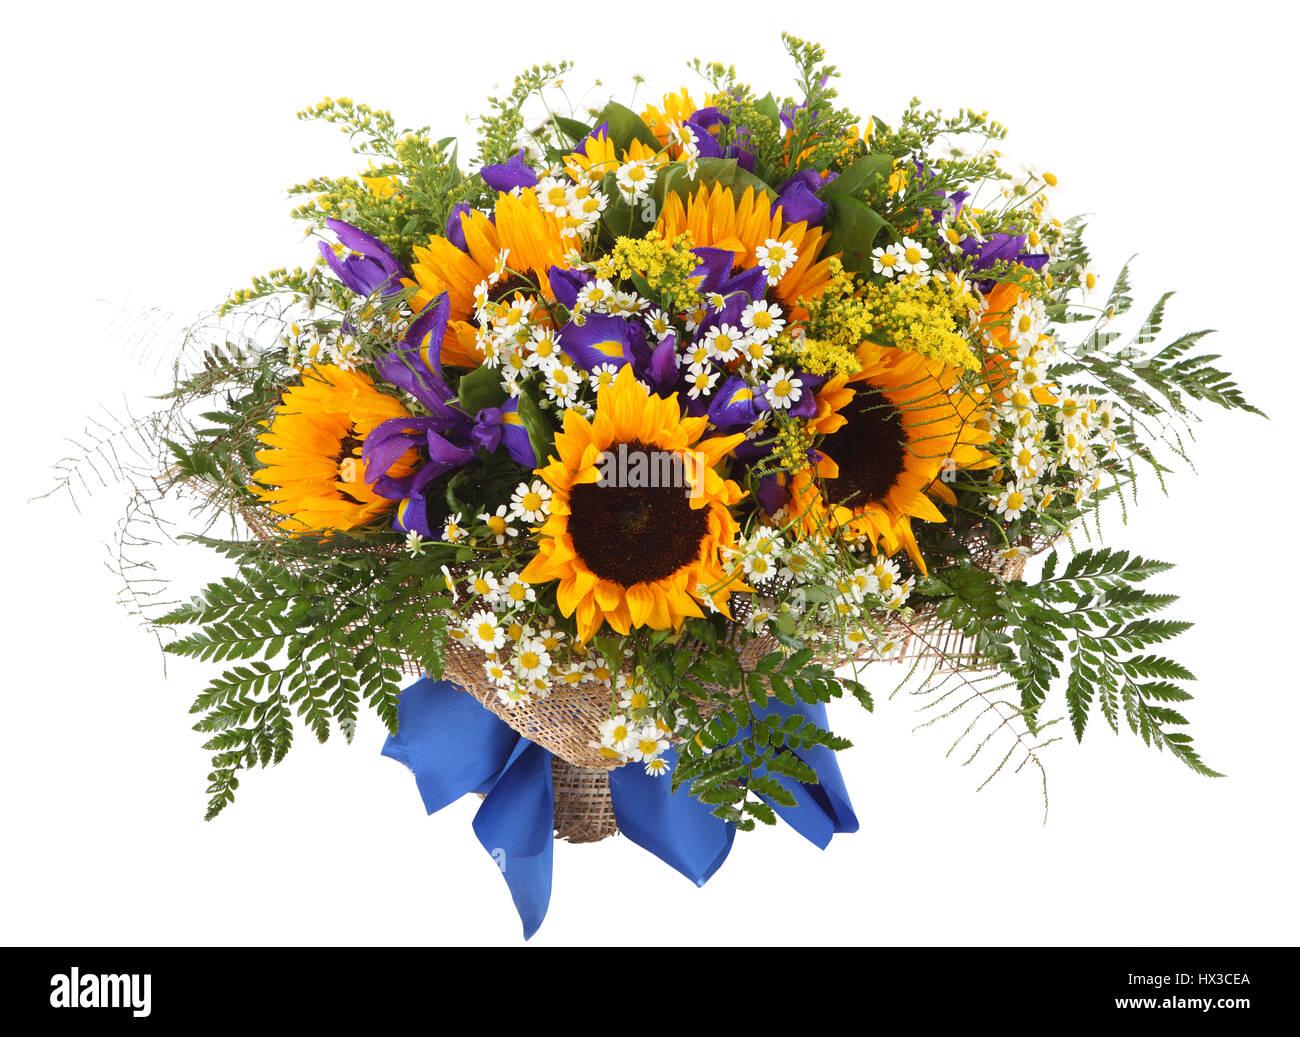 Flower arrangement of sunflowers daisies ferns and goldenrod stock flower arrangement of sunflowers daisies ferns and goldenrod floral composition izmirmasajfo